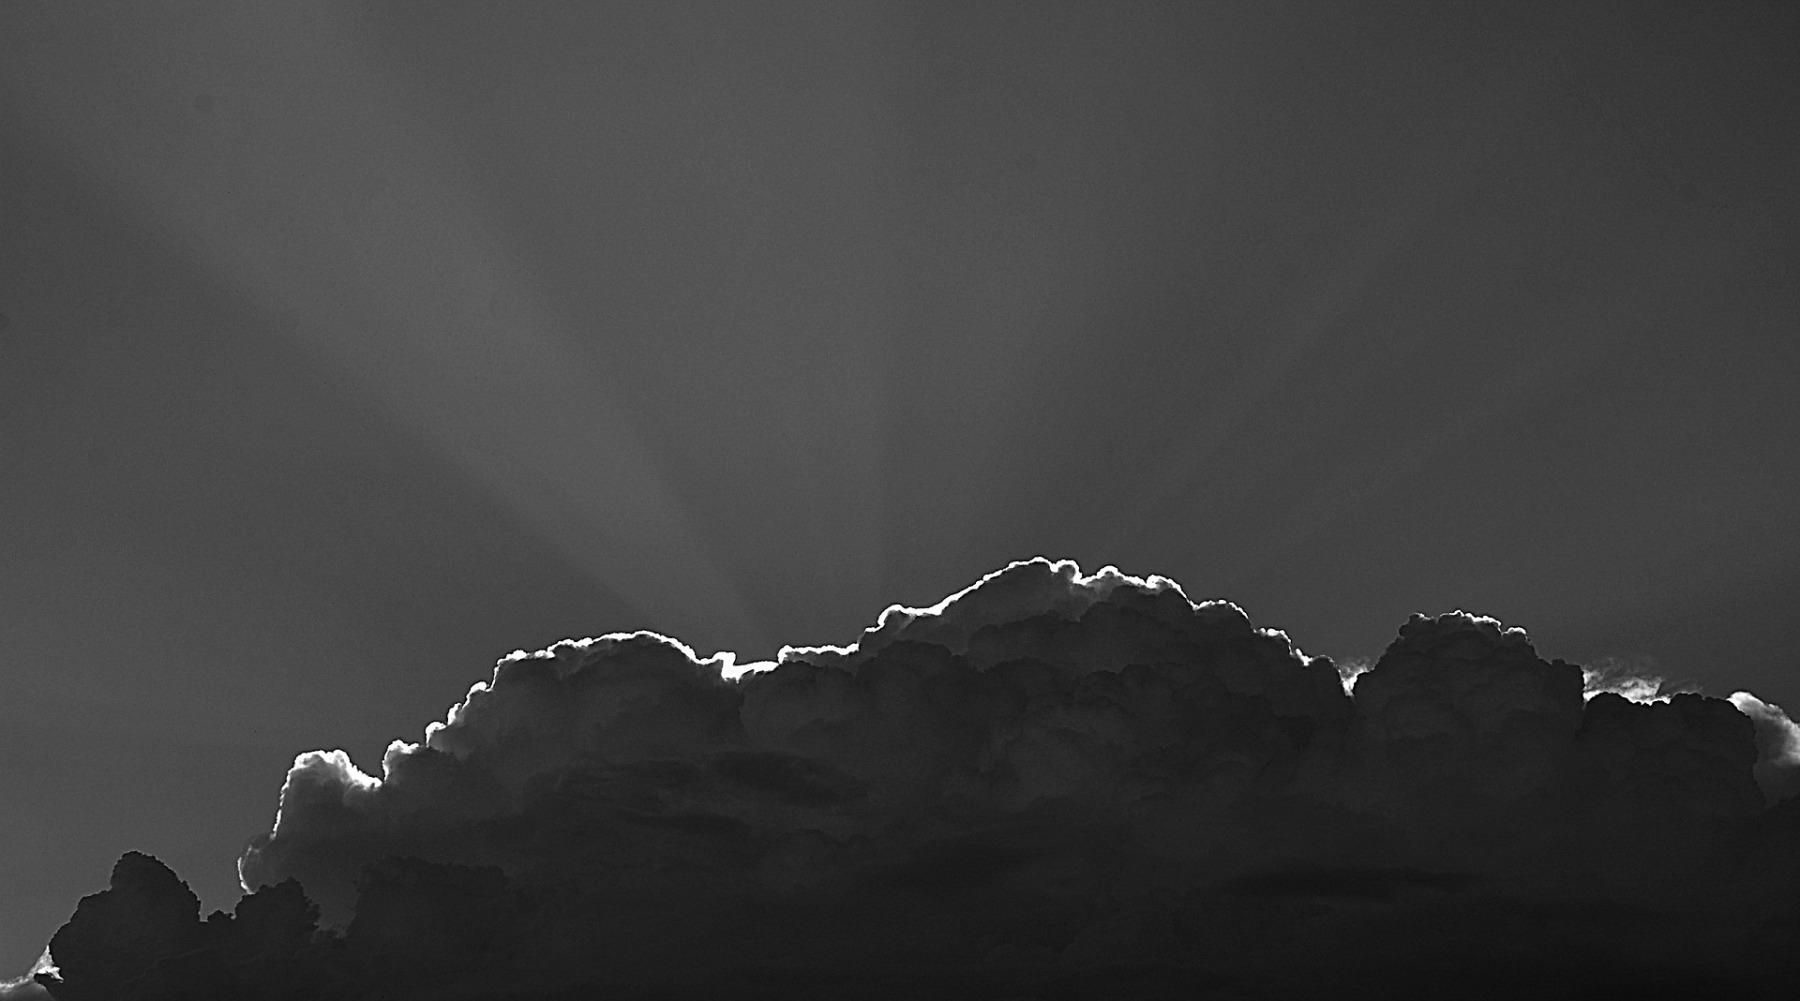 clouds-428168_1920